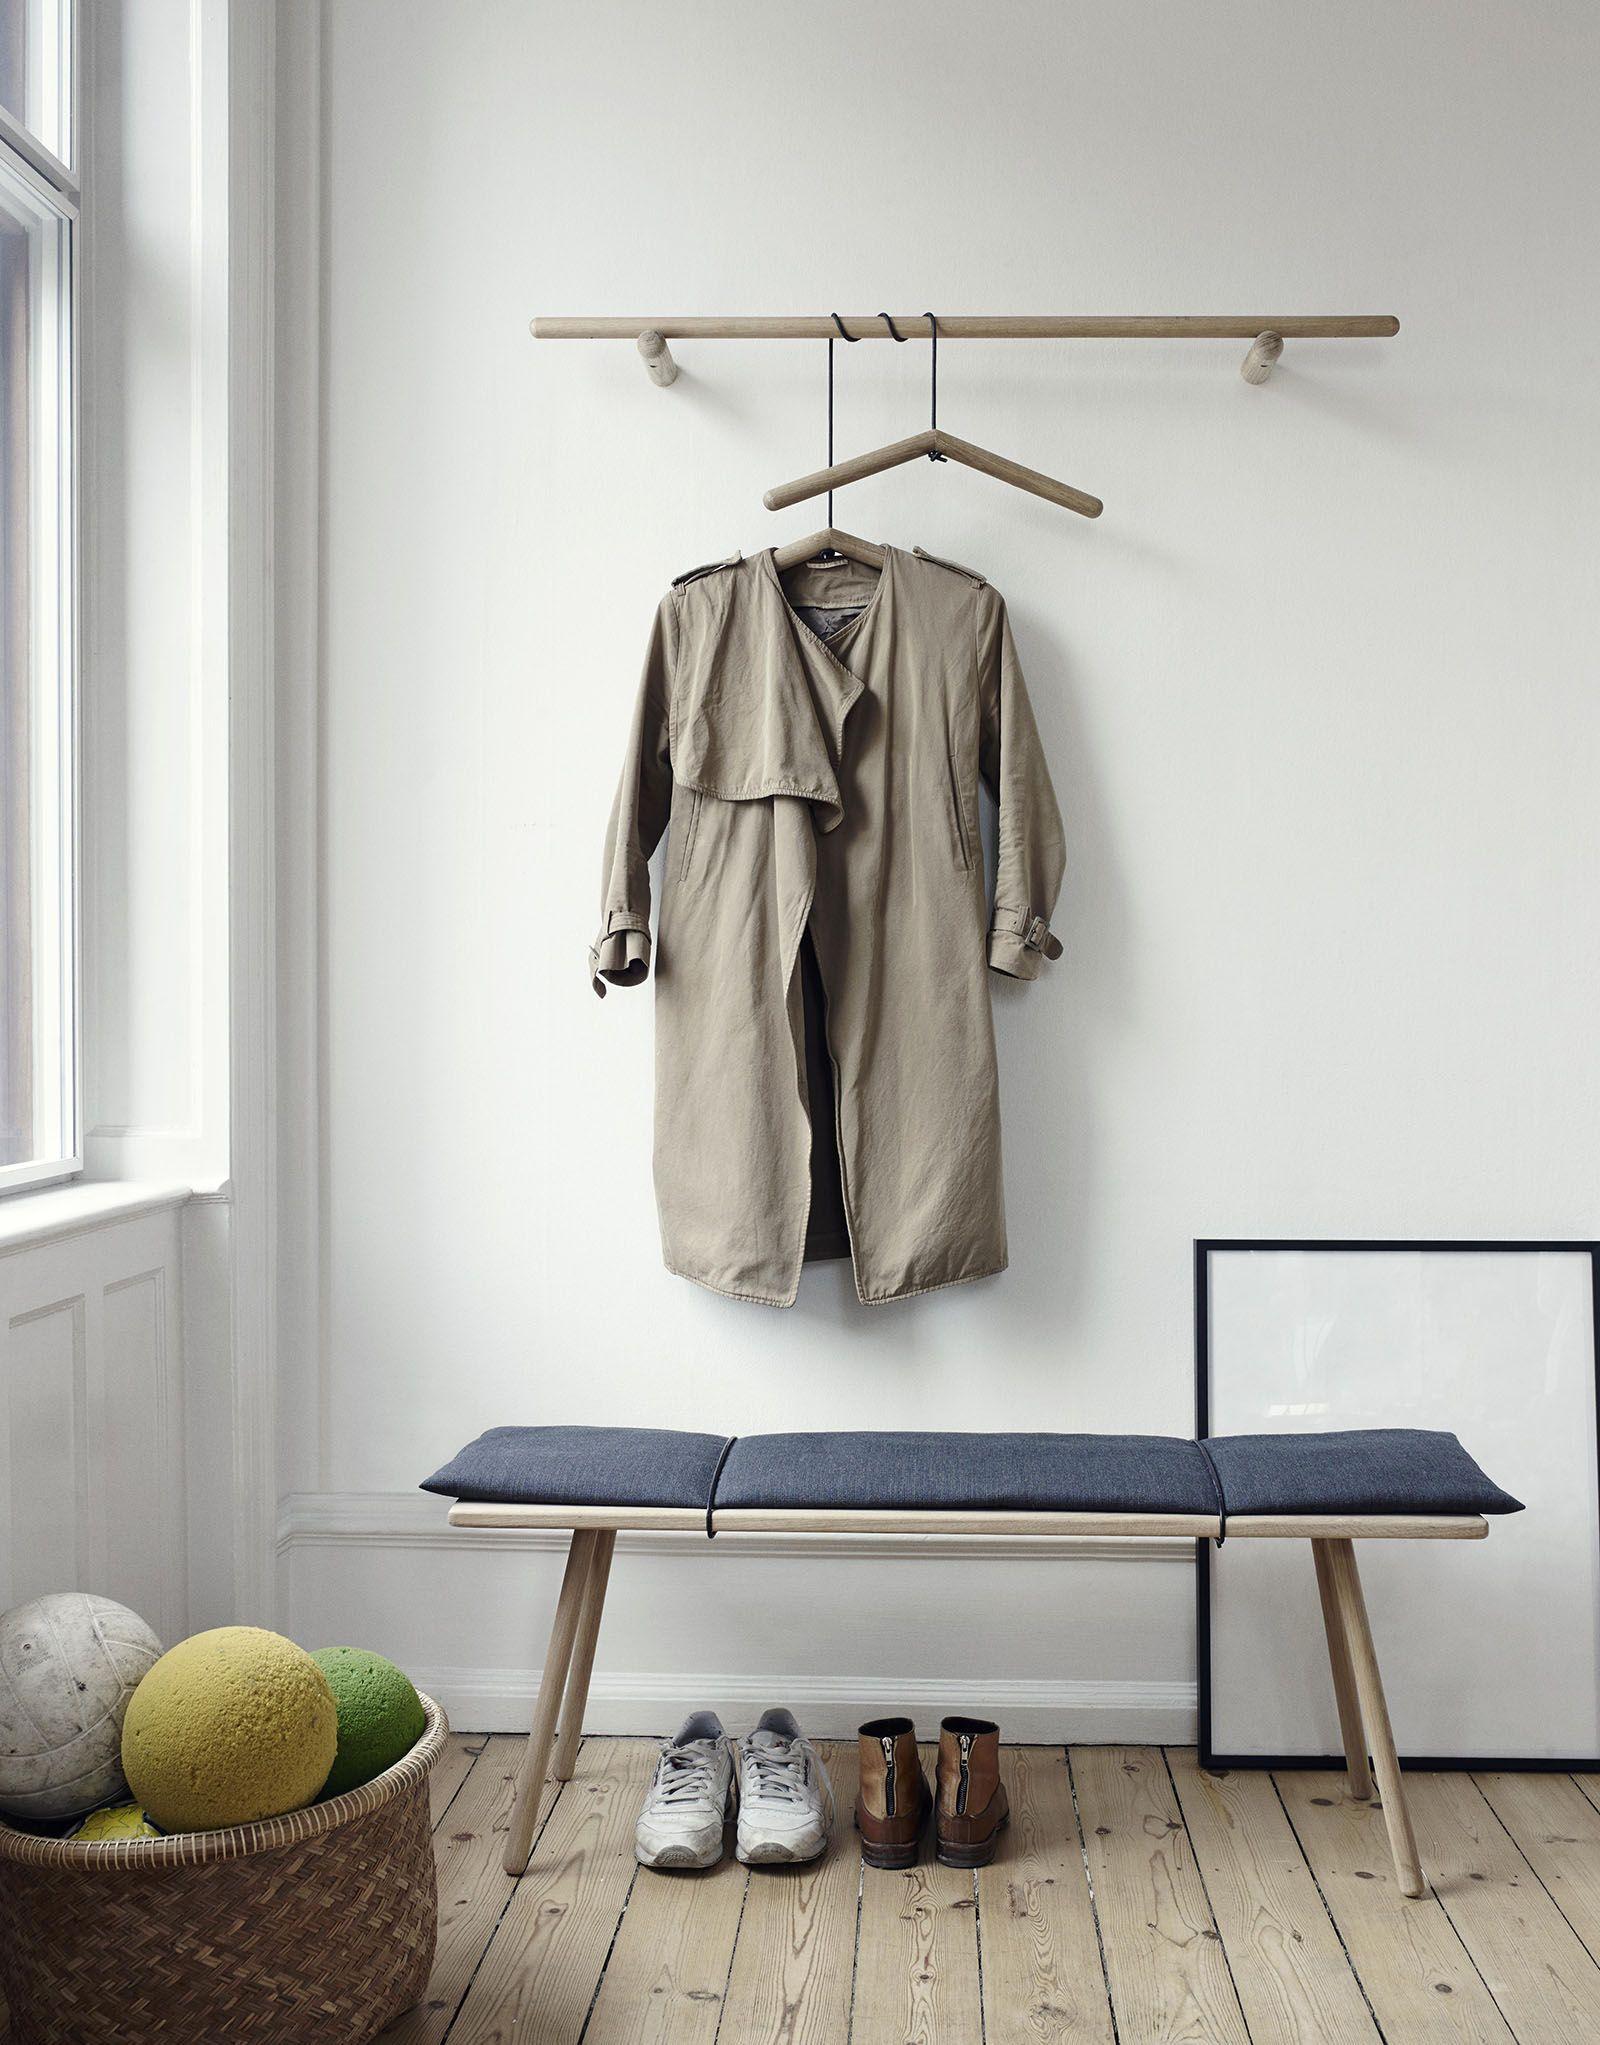 Hallway coat closet  Georg Bænk  Trip Trap  Eteiset  Pinterest  Interior Furniture